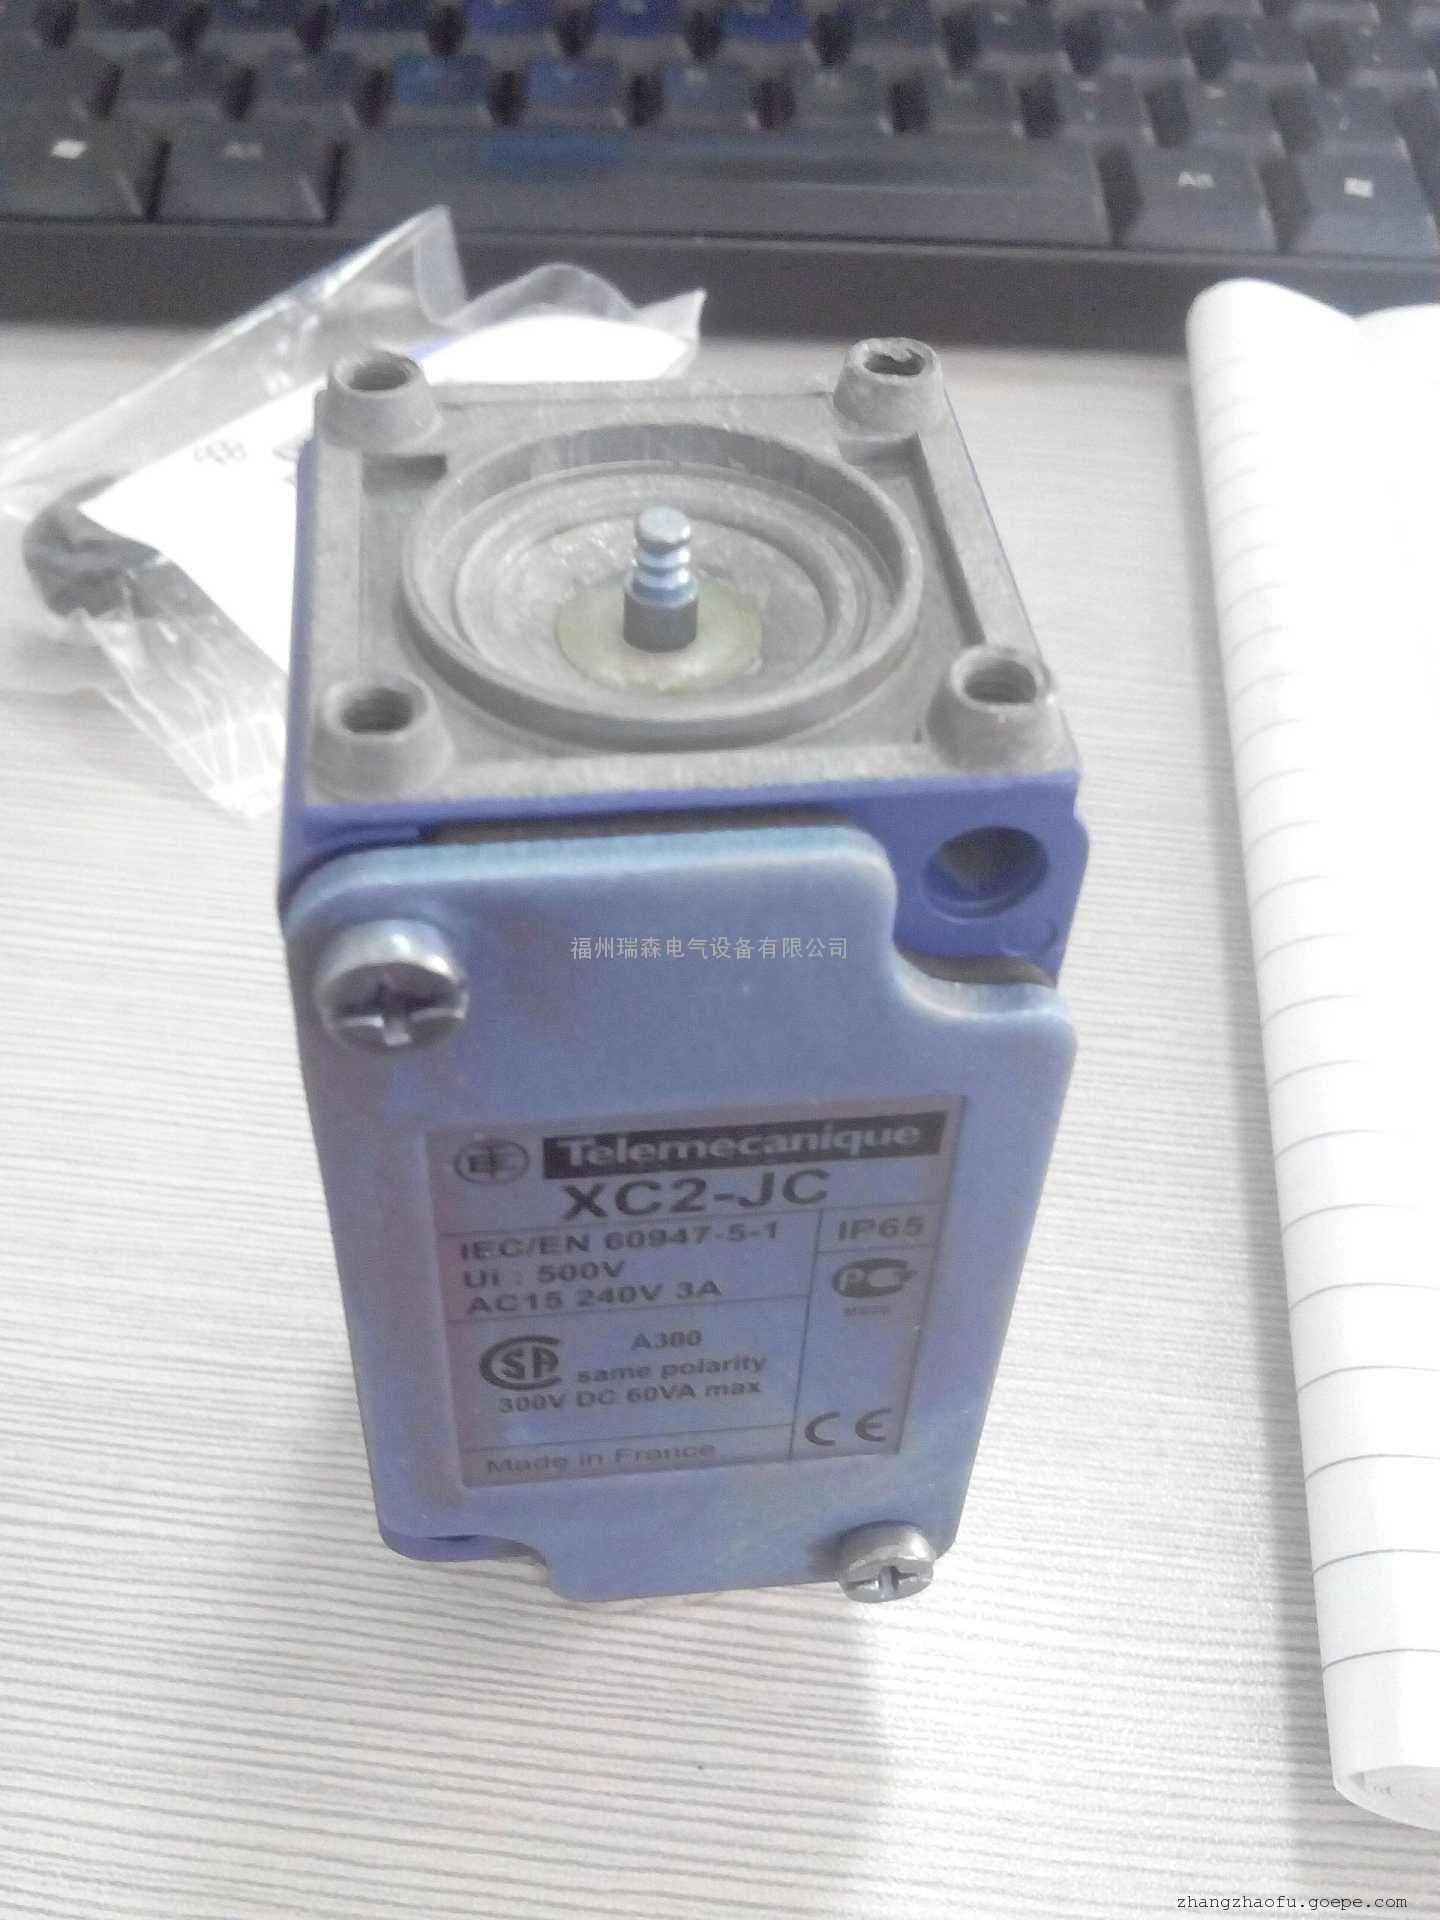 限位开关本体ZC2-JC15进口施耐德XC2-J系列配件